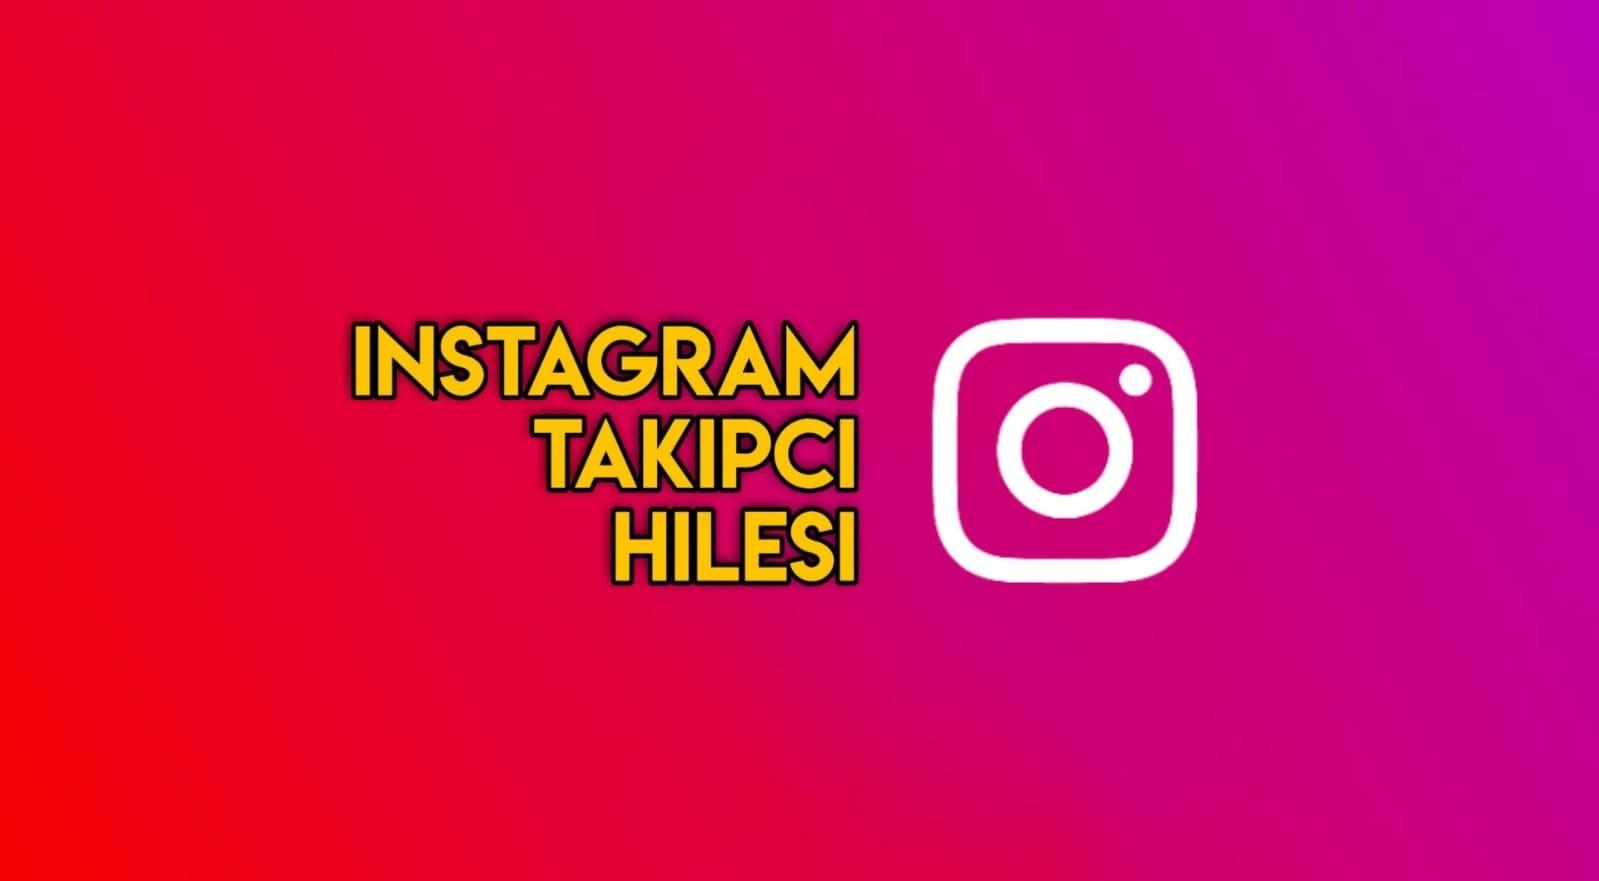 instagram takipçi hilesi 2020